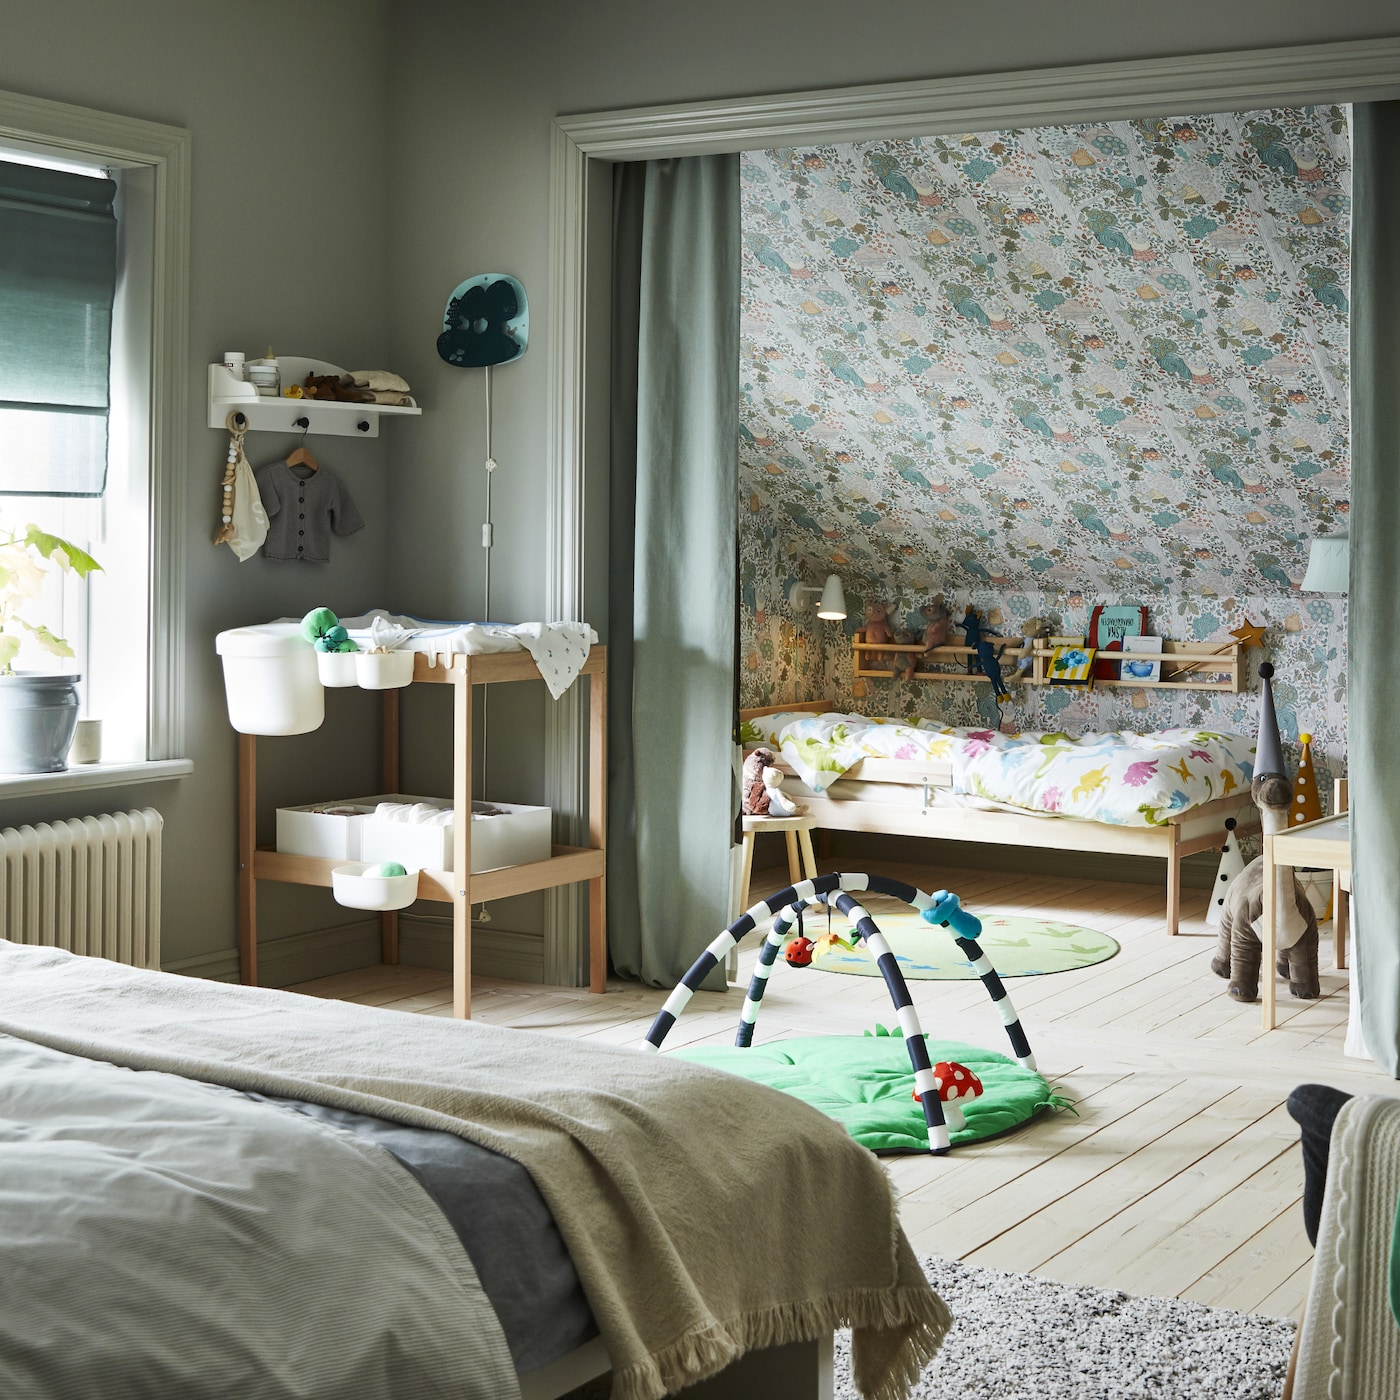 Ein Schlafzimmer mit einem Doppelbett, einem Wickeltisch und Babyaccessoires. Ein SNIGLAR Juniorbettgestell steht in einer Nische hinter einem grünen Vorhang.